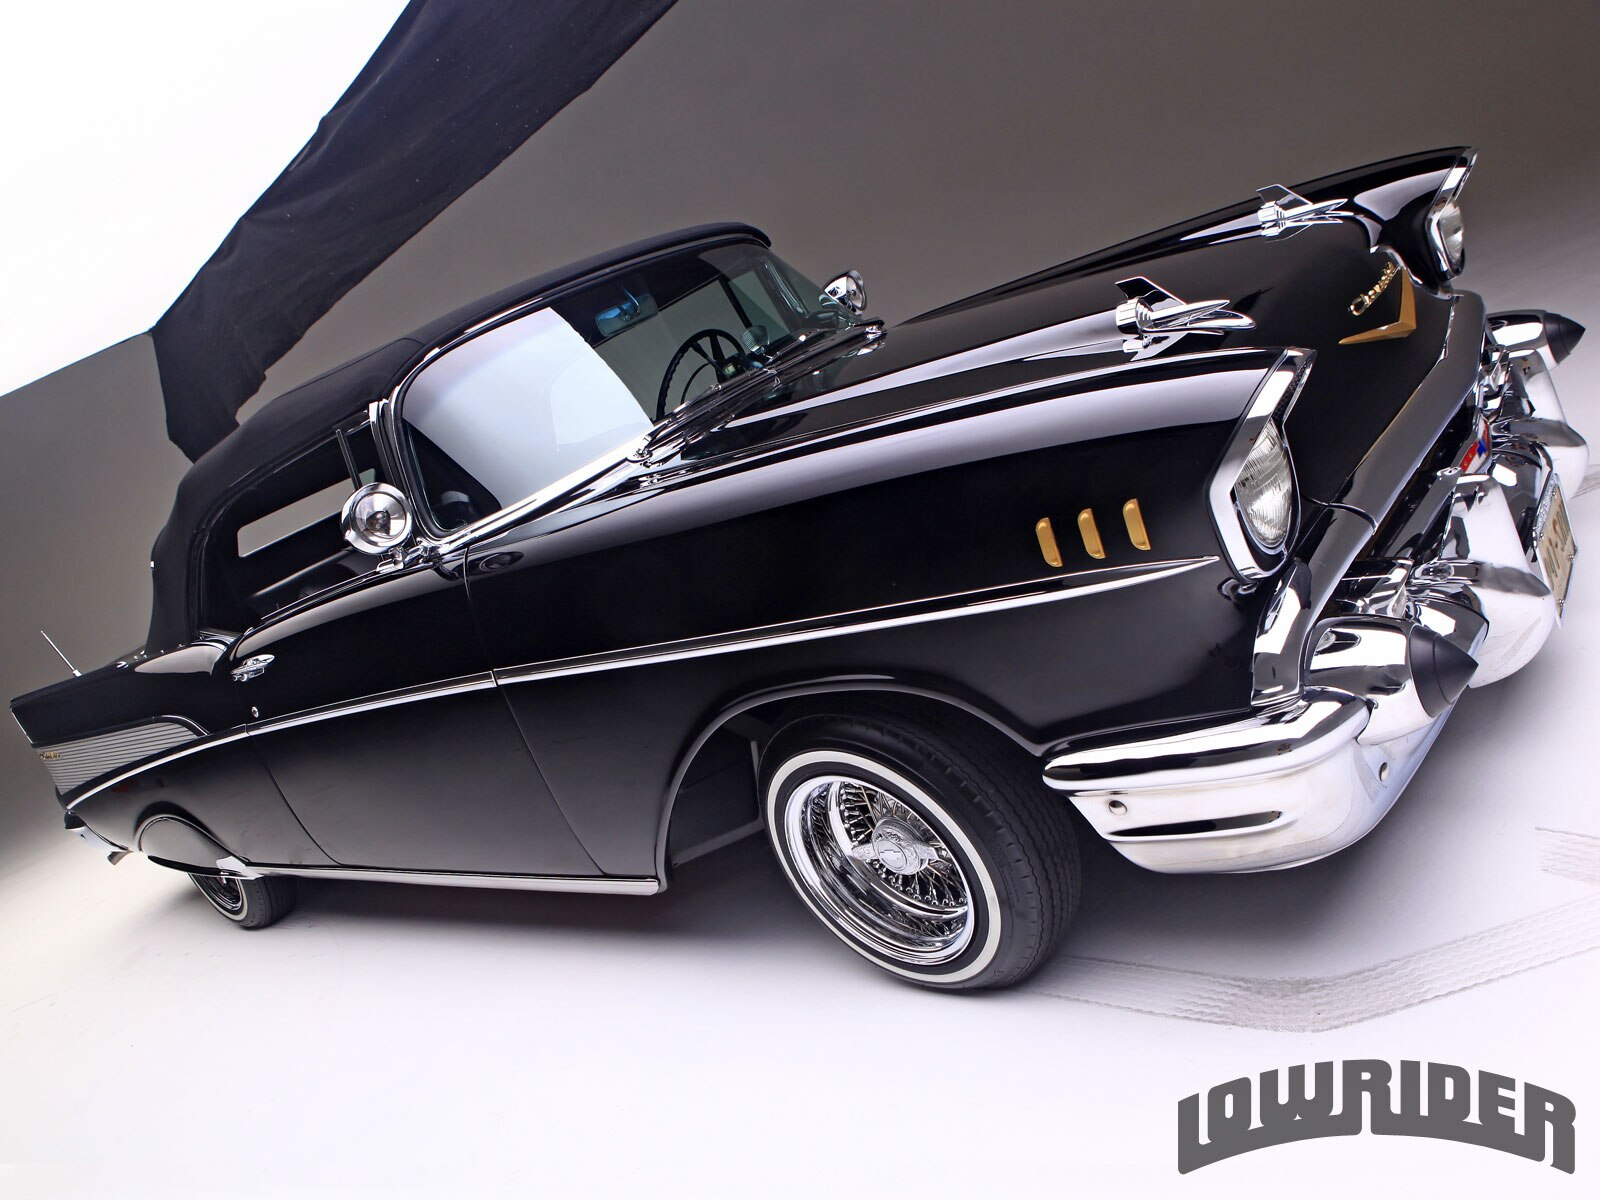 1959 Chevy Impala Lowrider Cars 1957